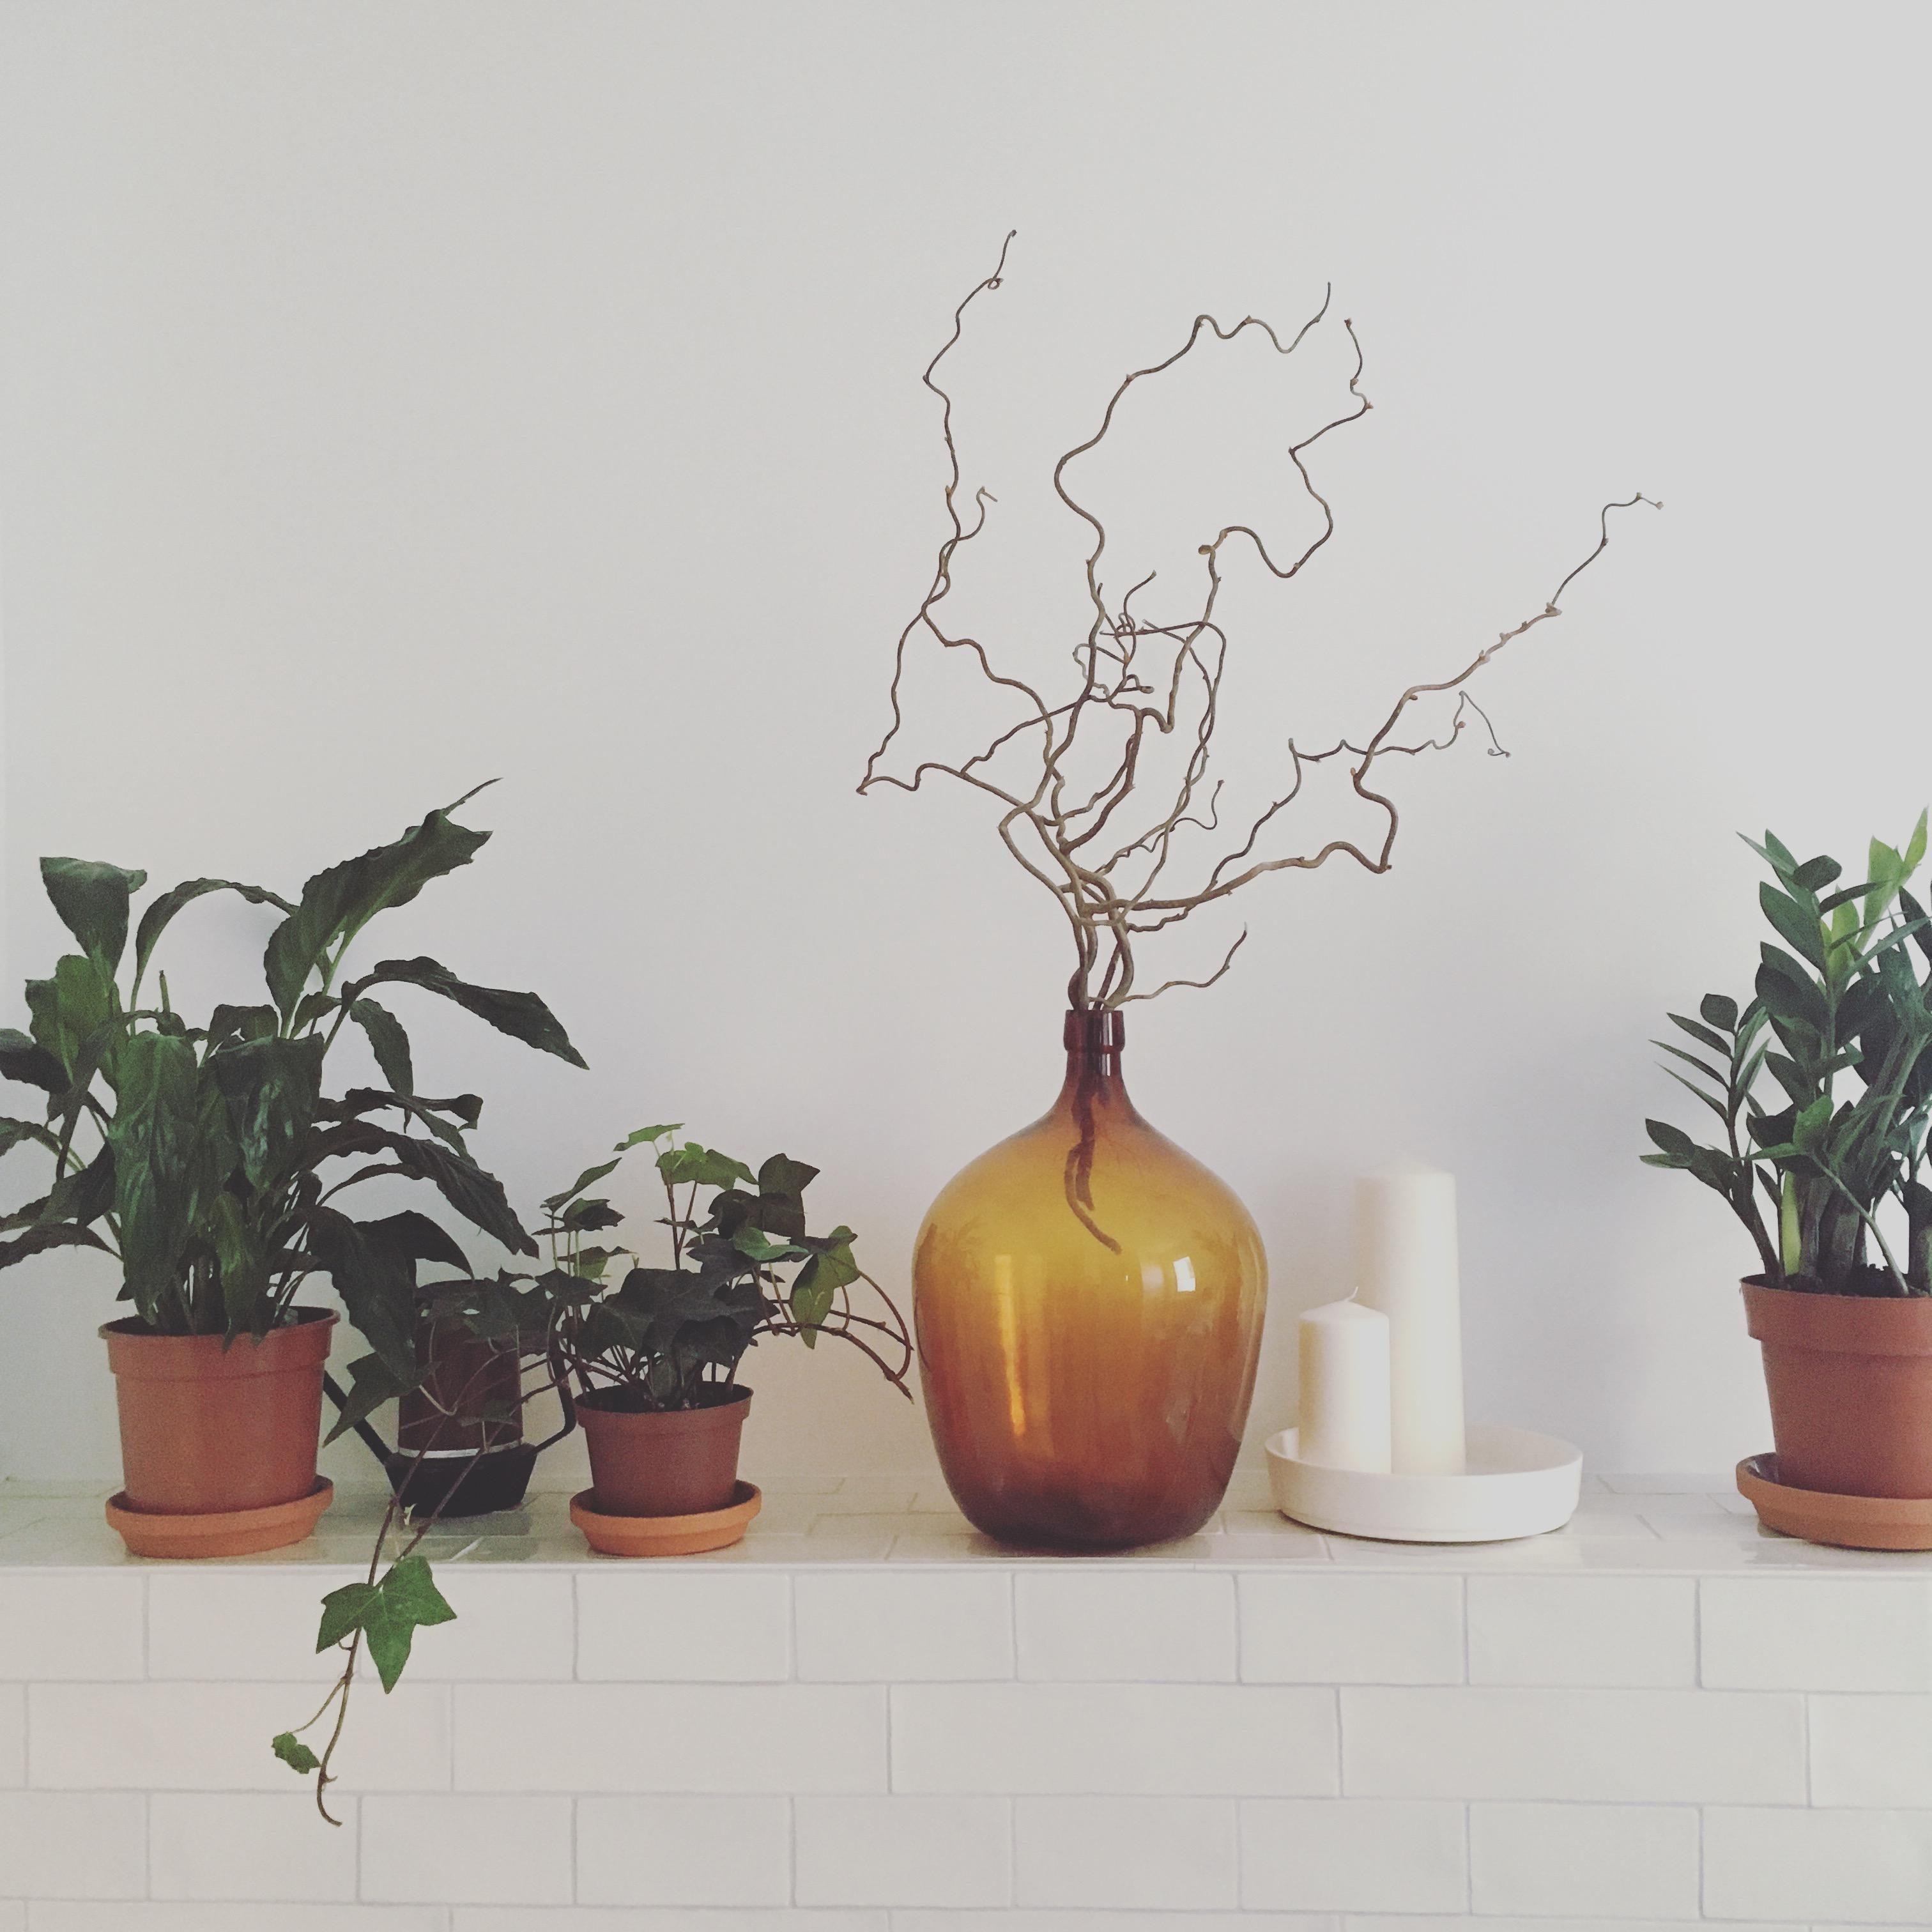 Neue Pflanzen Im Bad Toi Toi Toi Dass Sie Uberlebe